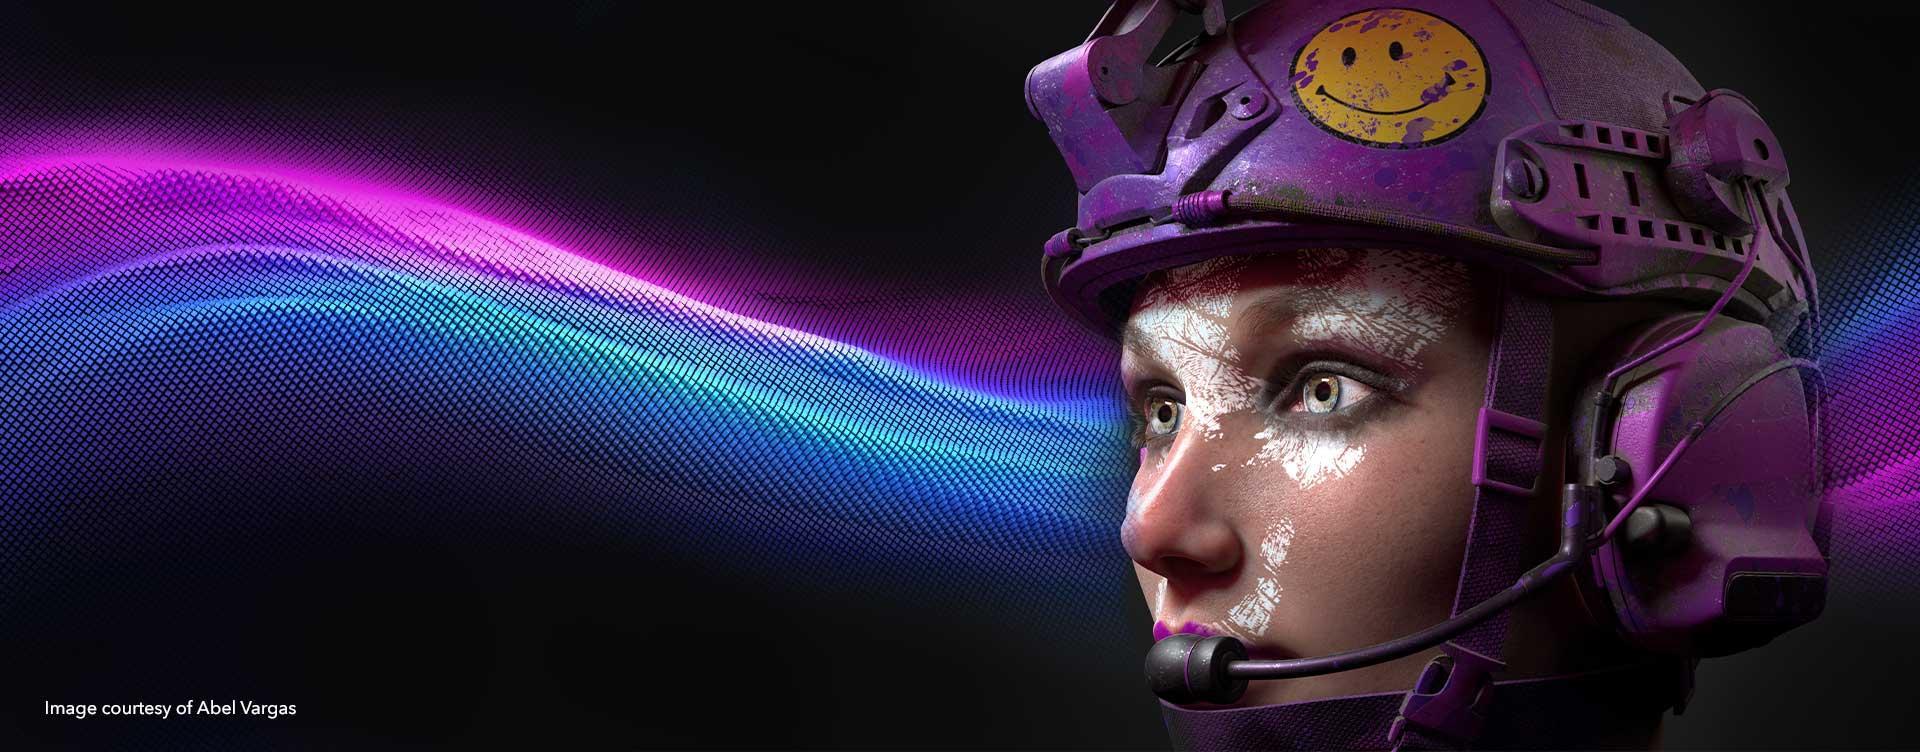 3D textured image of girl in helmet